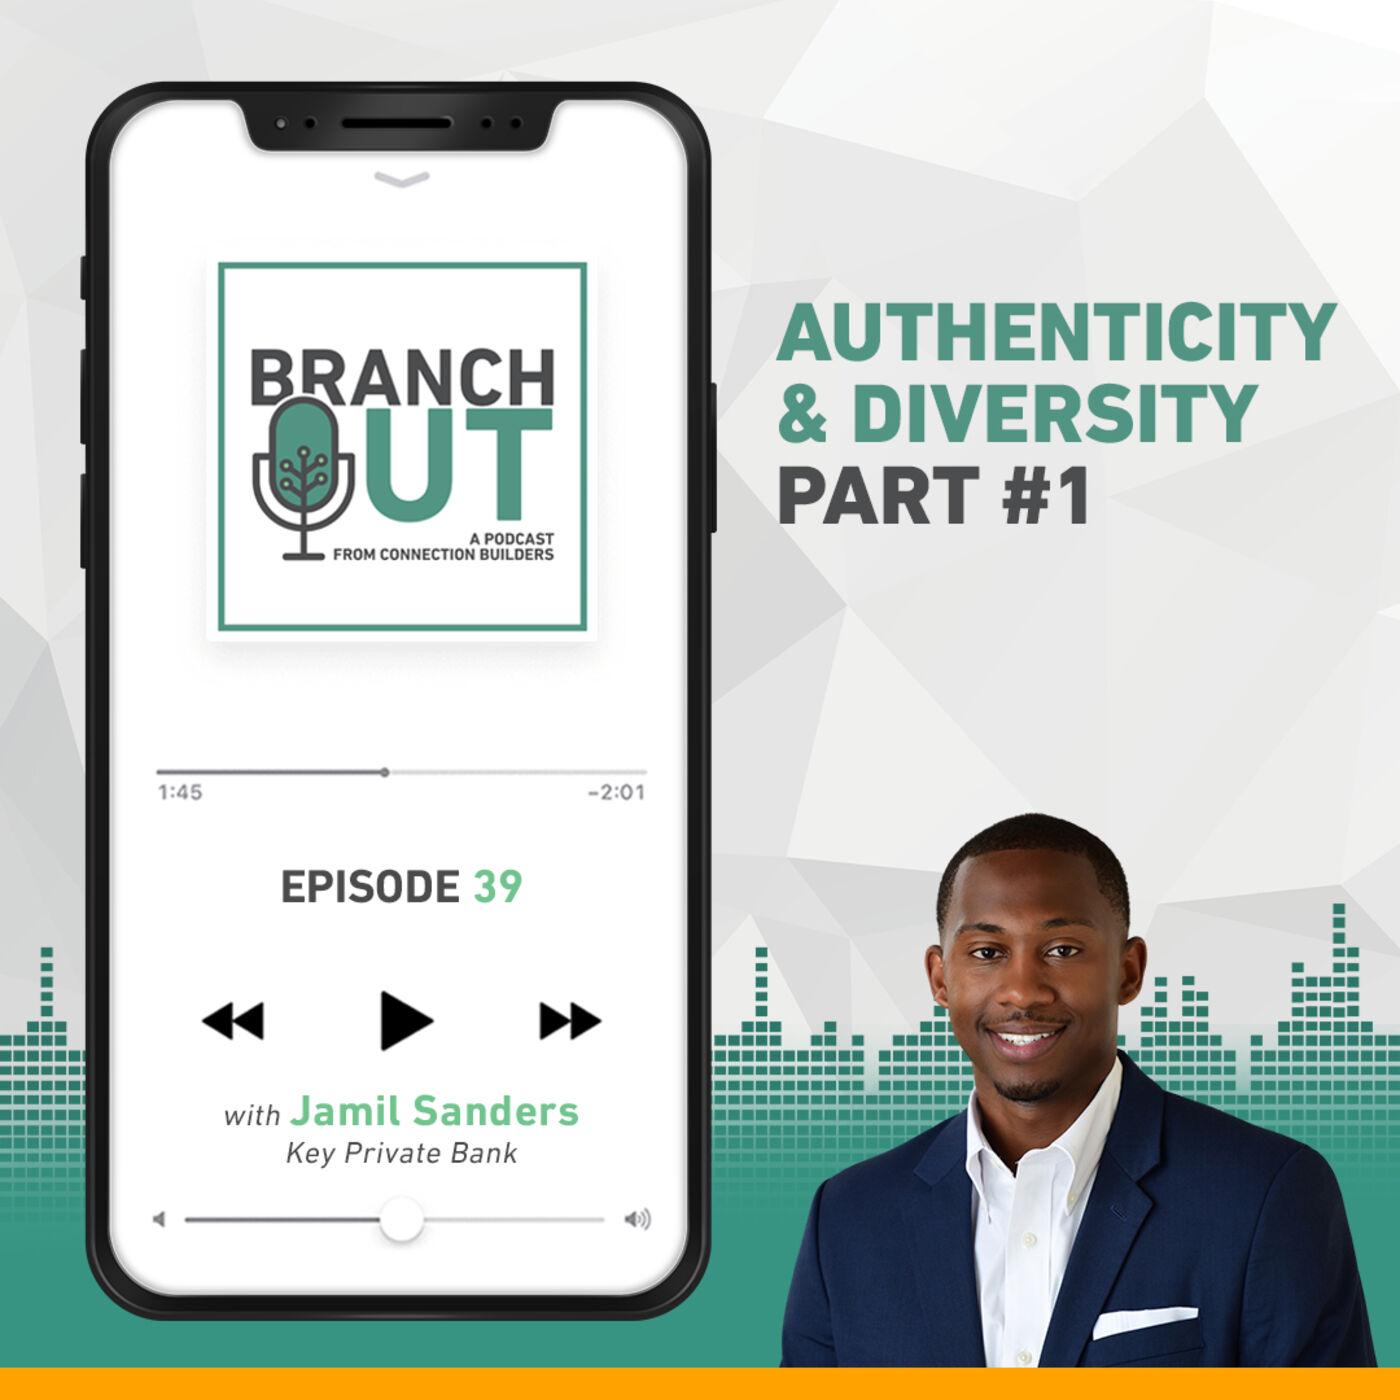 Authenticity & Diversity Part #1 – Jamil Sanders